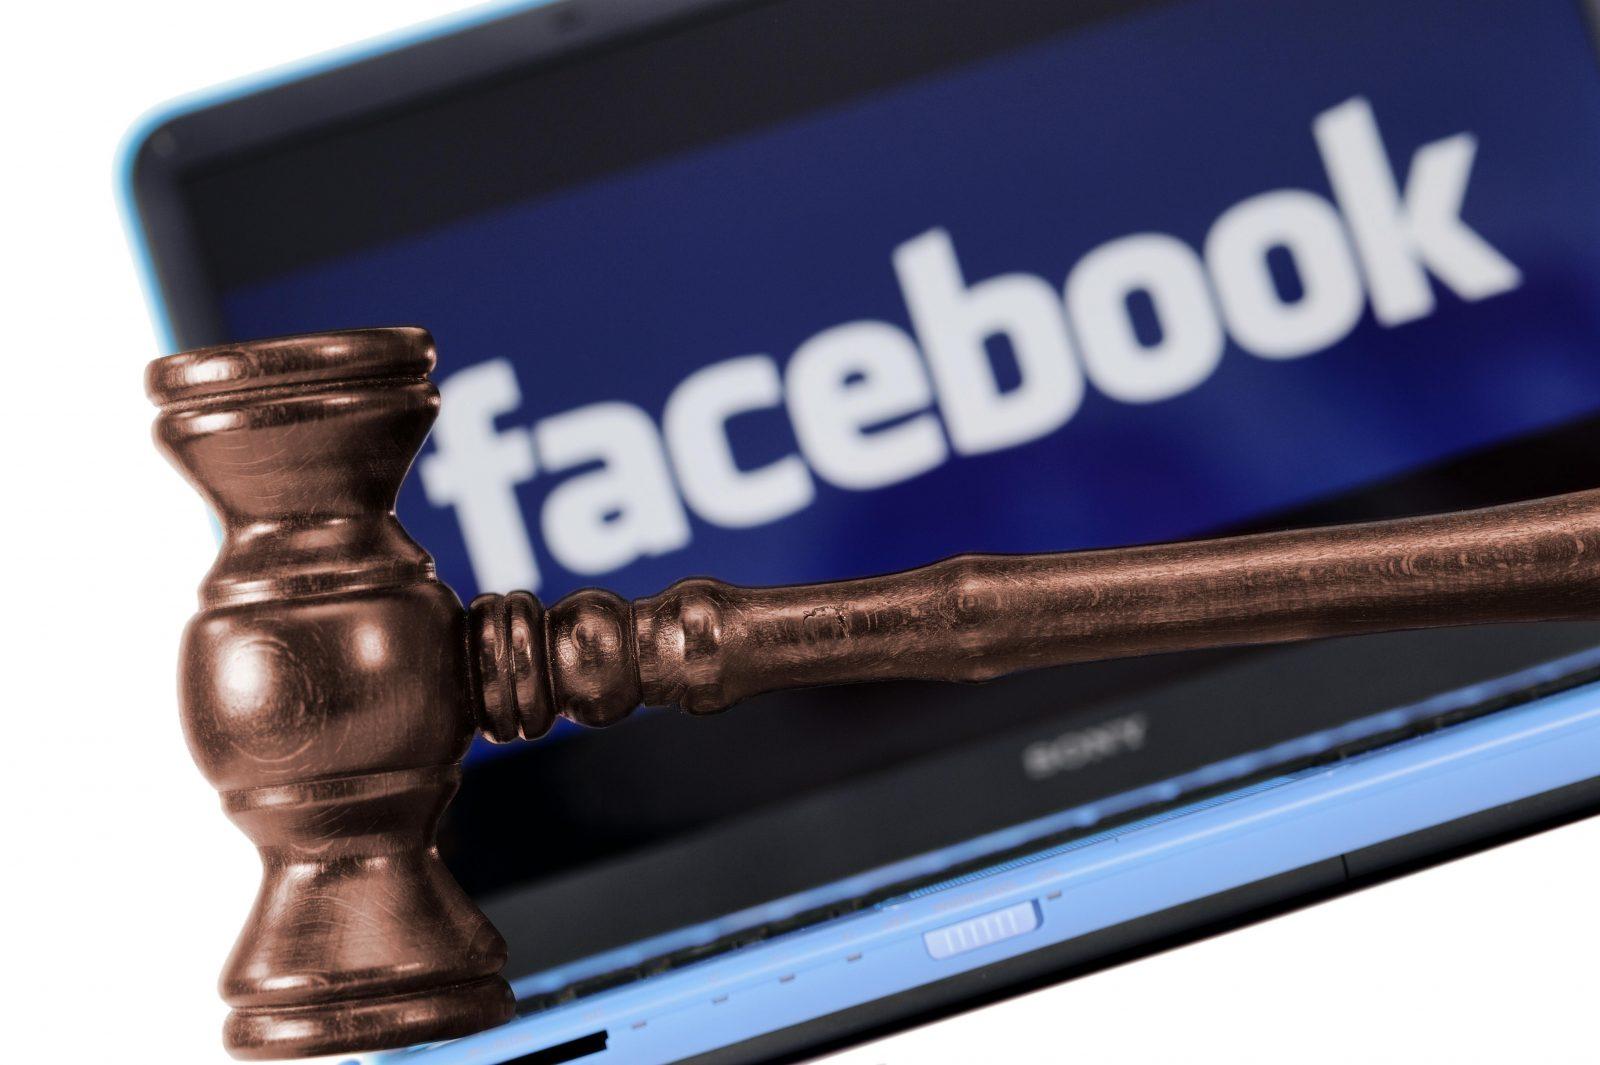 Wegen Facebook-Eintrag verurteilt: Richter sieht Vorwurf der Volksverhetzung gegeben